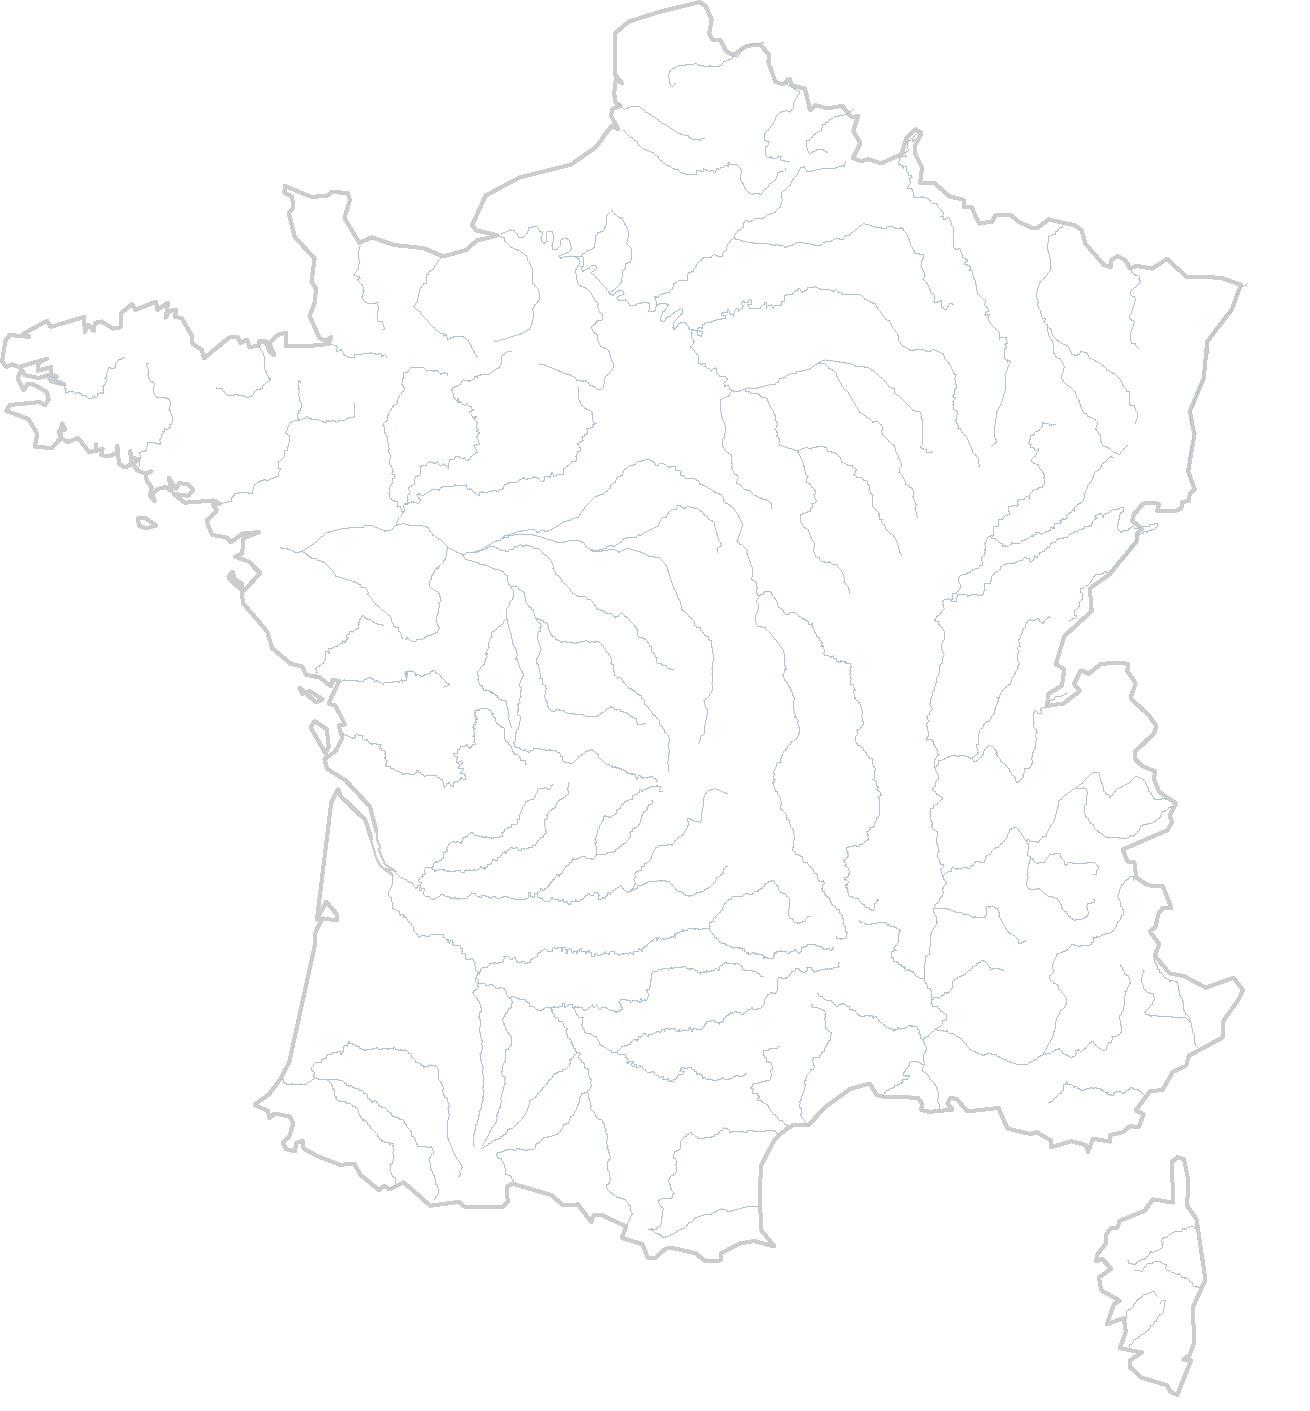 Cartes Muettes De La France À Imprimer - Chroniques tout Carte De France Des Fleuves